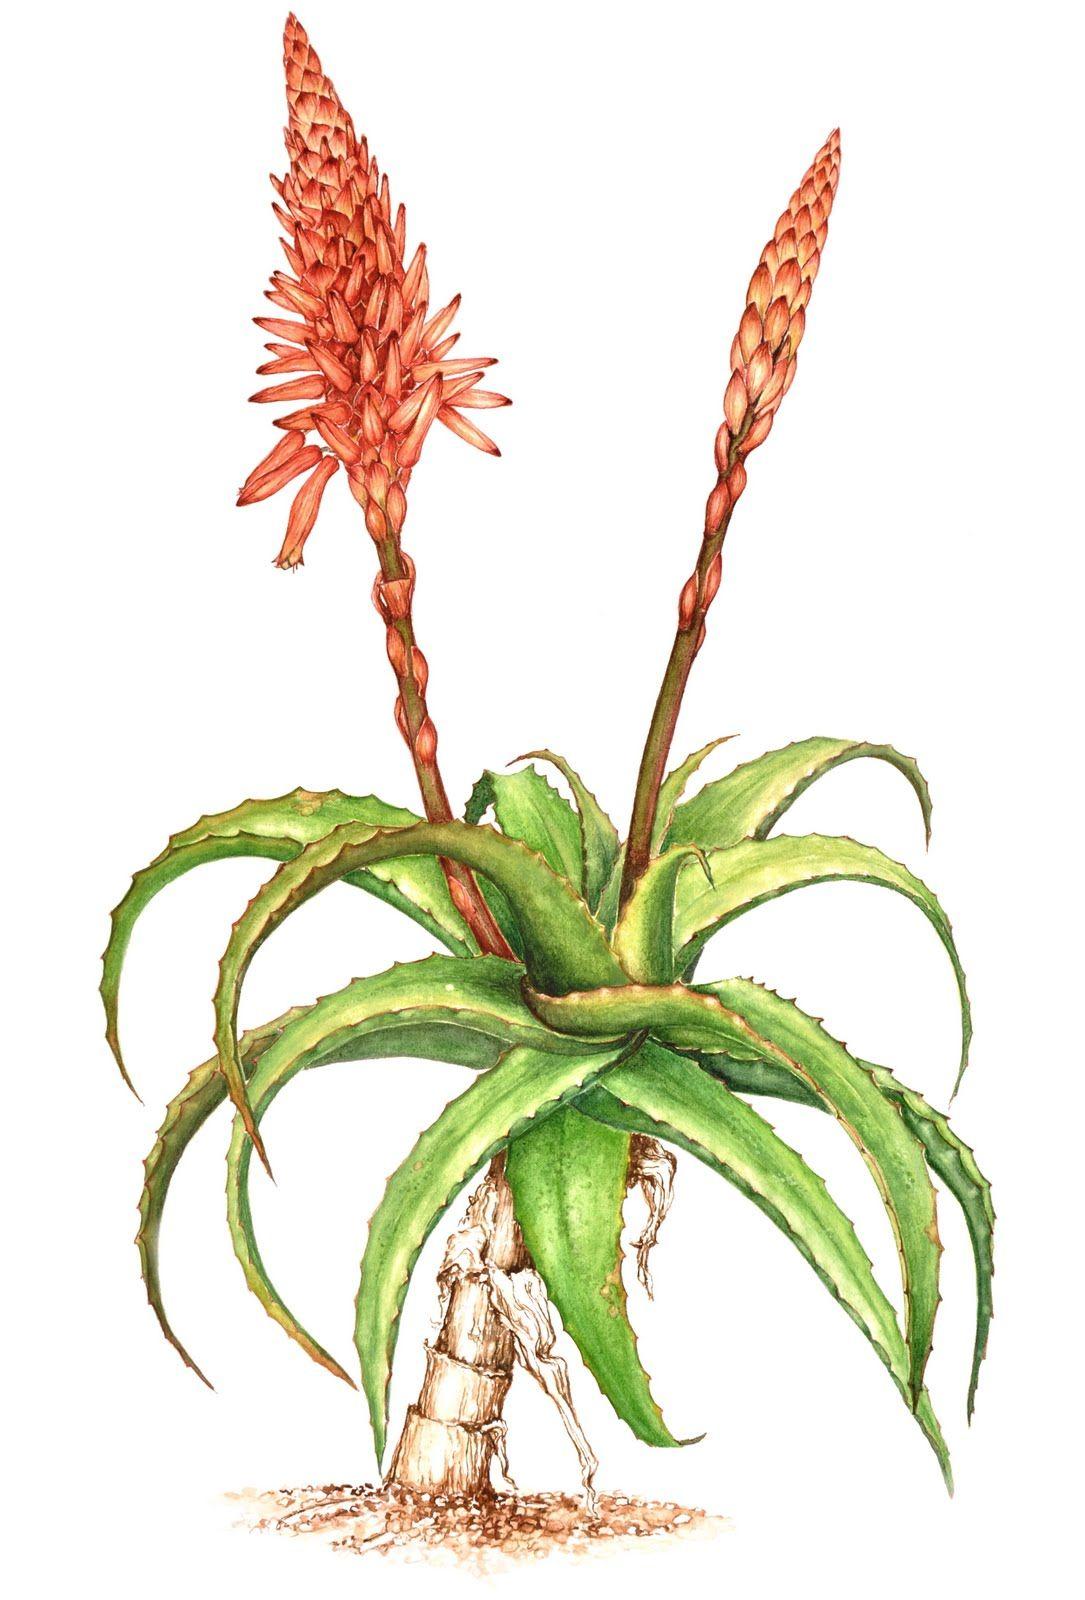 botanical drawings taking up botanical art aloe arborescens huis pinterest botanical. Black Bedroom Furniture Sets. Home Design Ideas